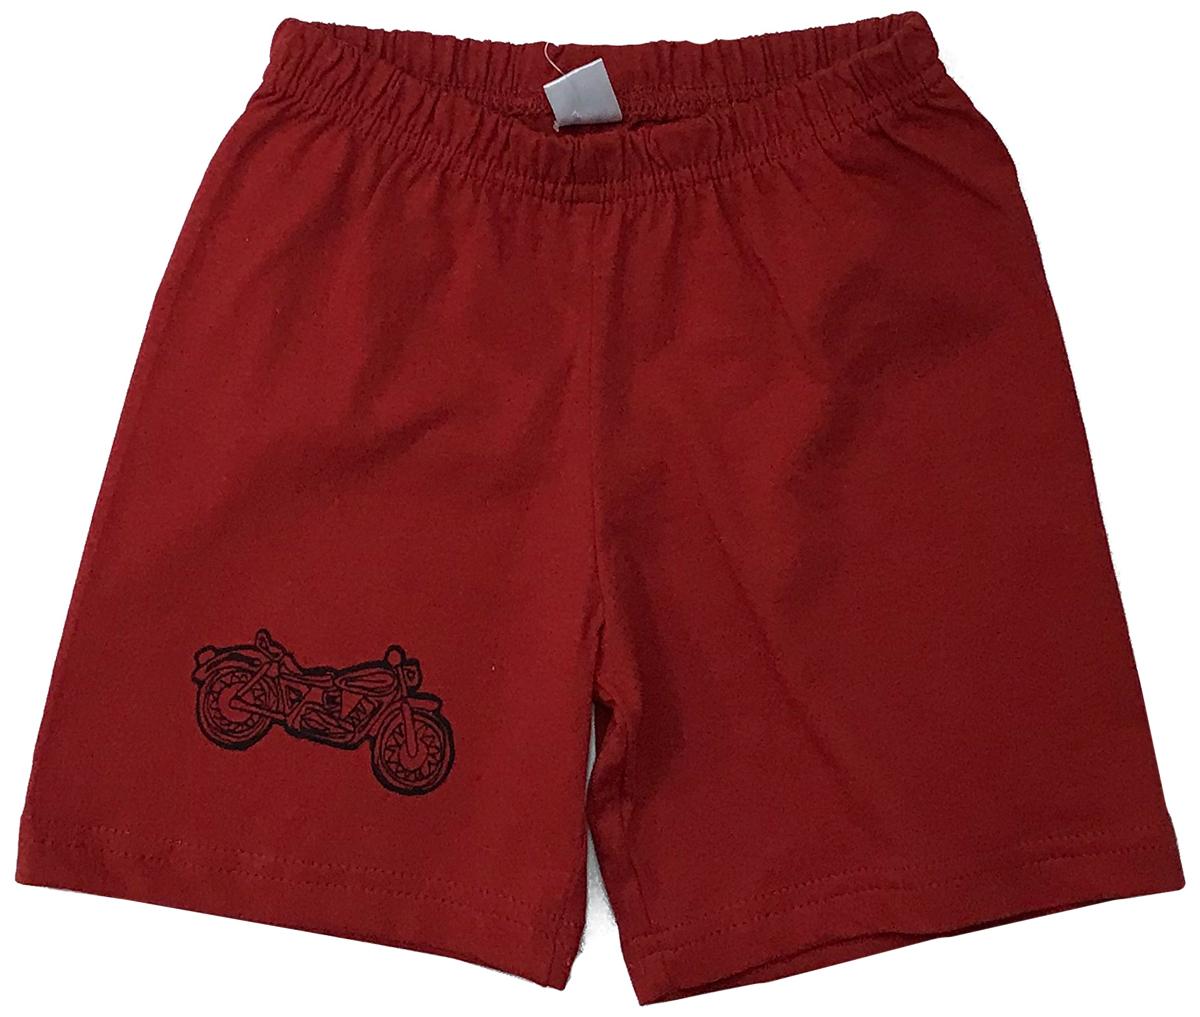 Шорты для мальчика Arge Fashion, цвет: красный. УЗТ-ШМ-001-3. Размер 110УЗТ-ШМ-001-3